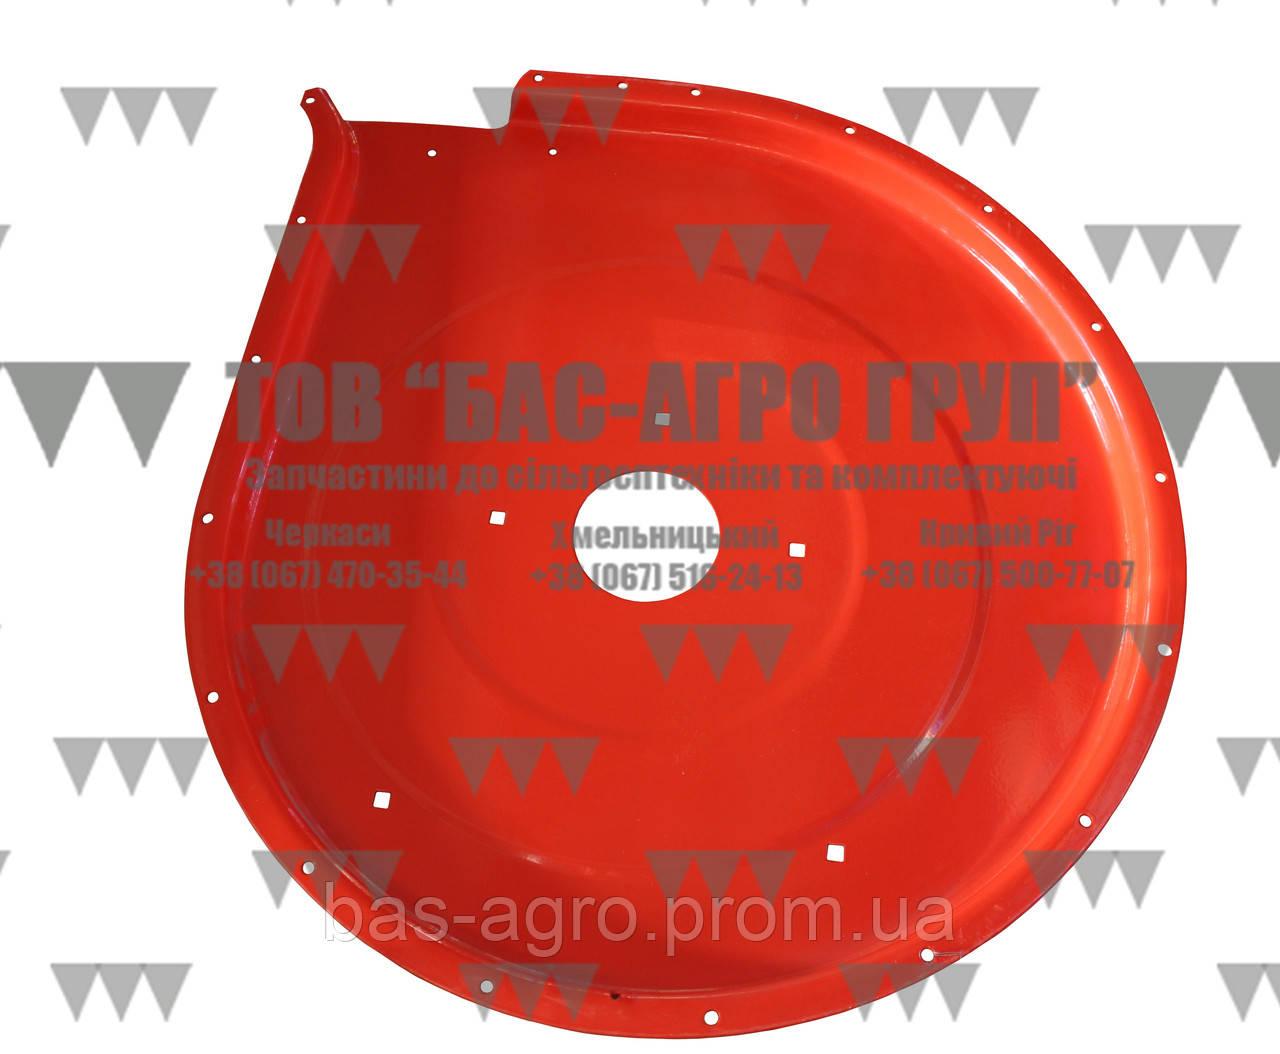 Кожух турбины 4401-A / 10090051 Monosem оригинал